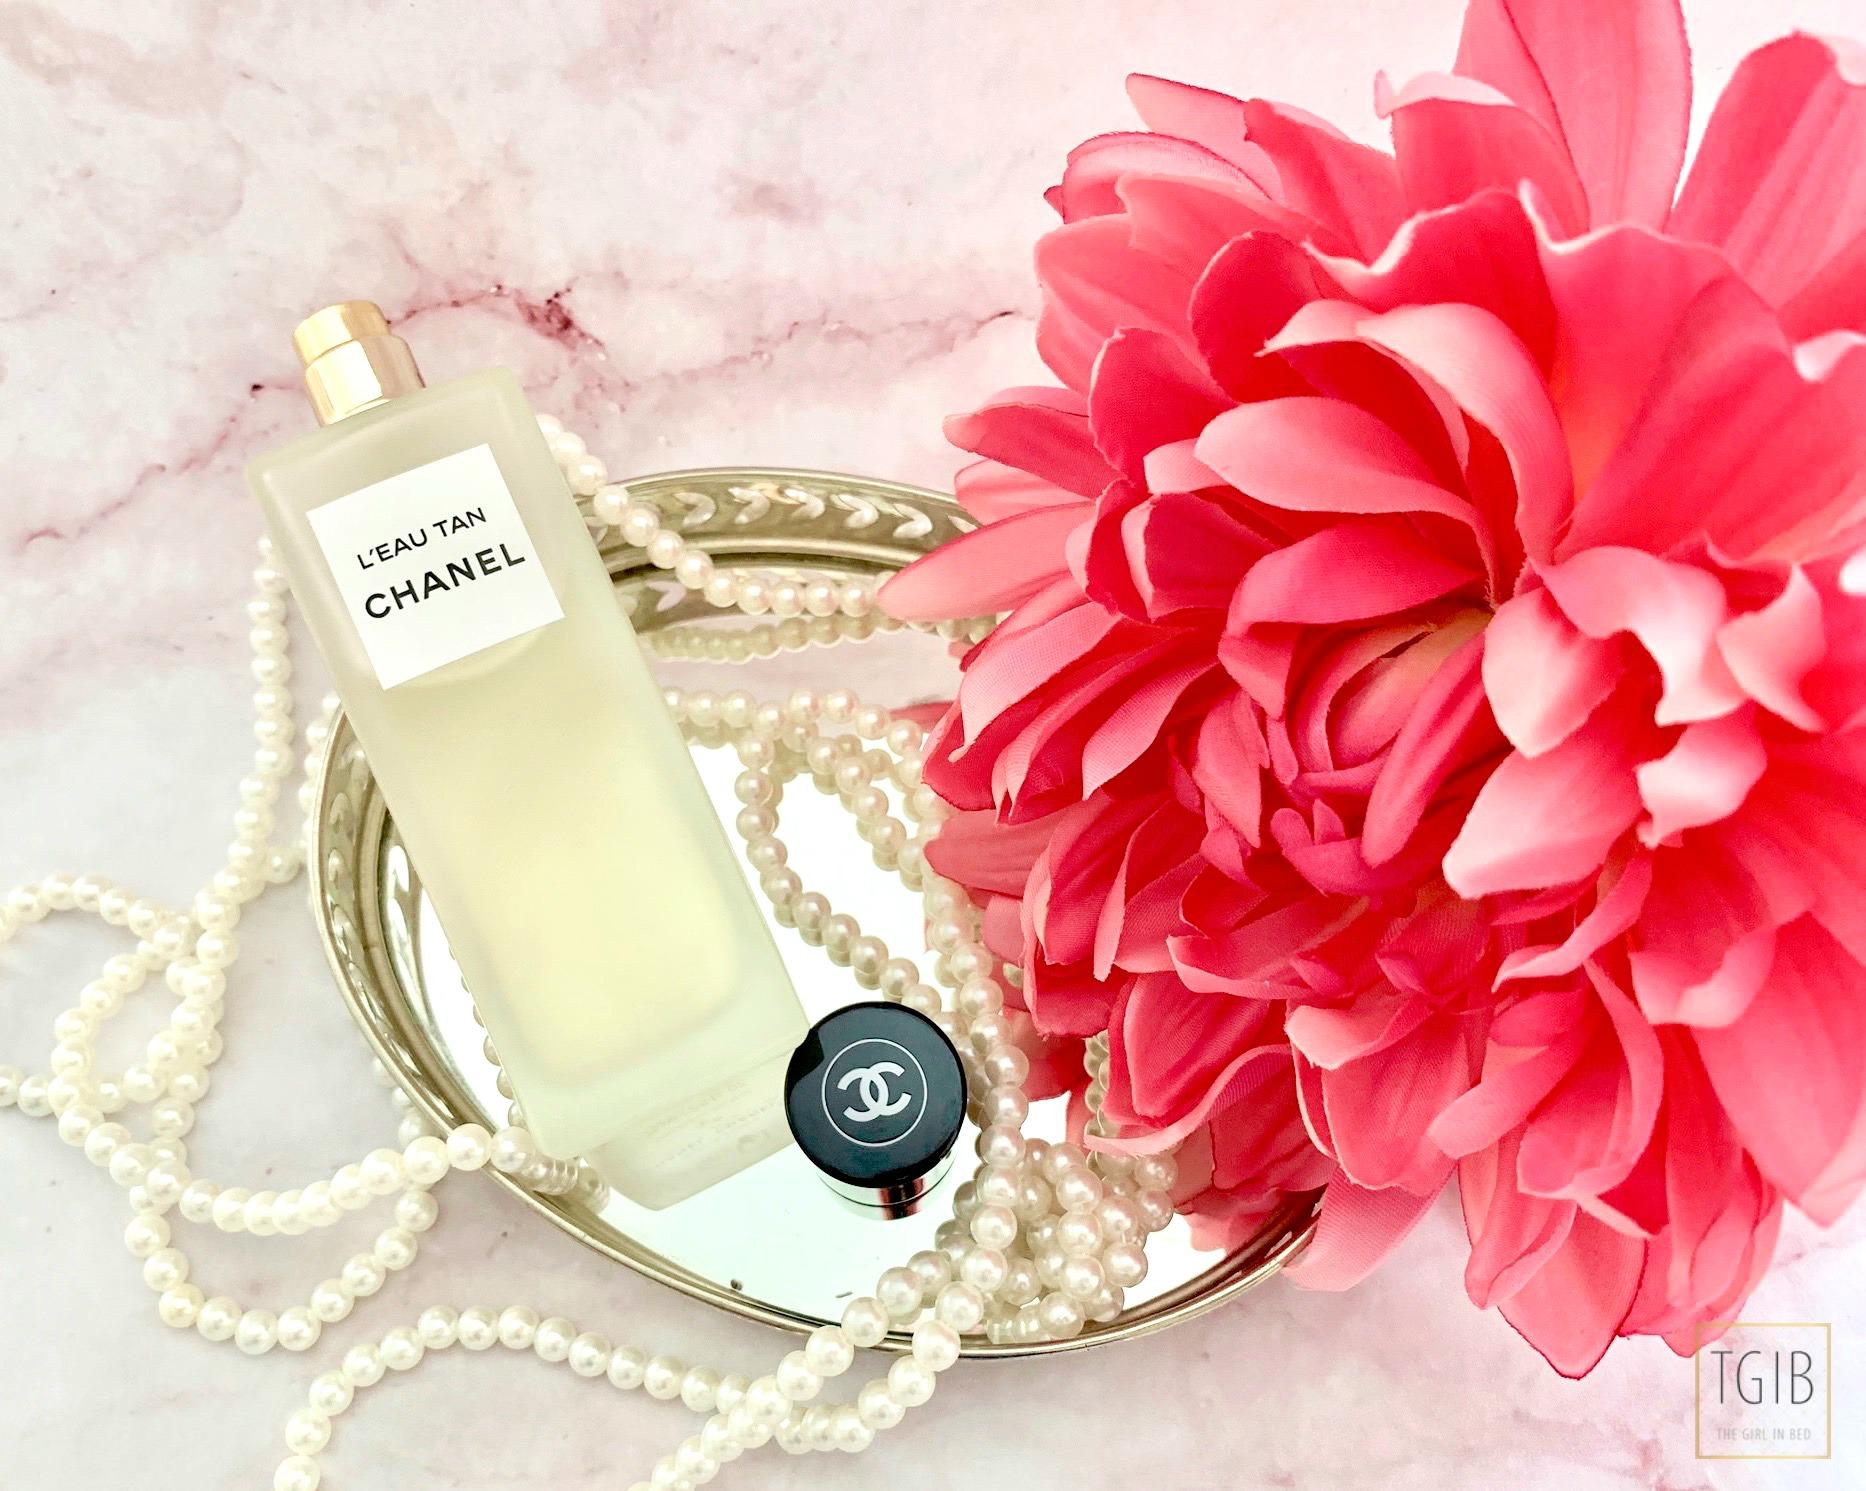 Chanel L'eau Tan Review